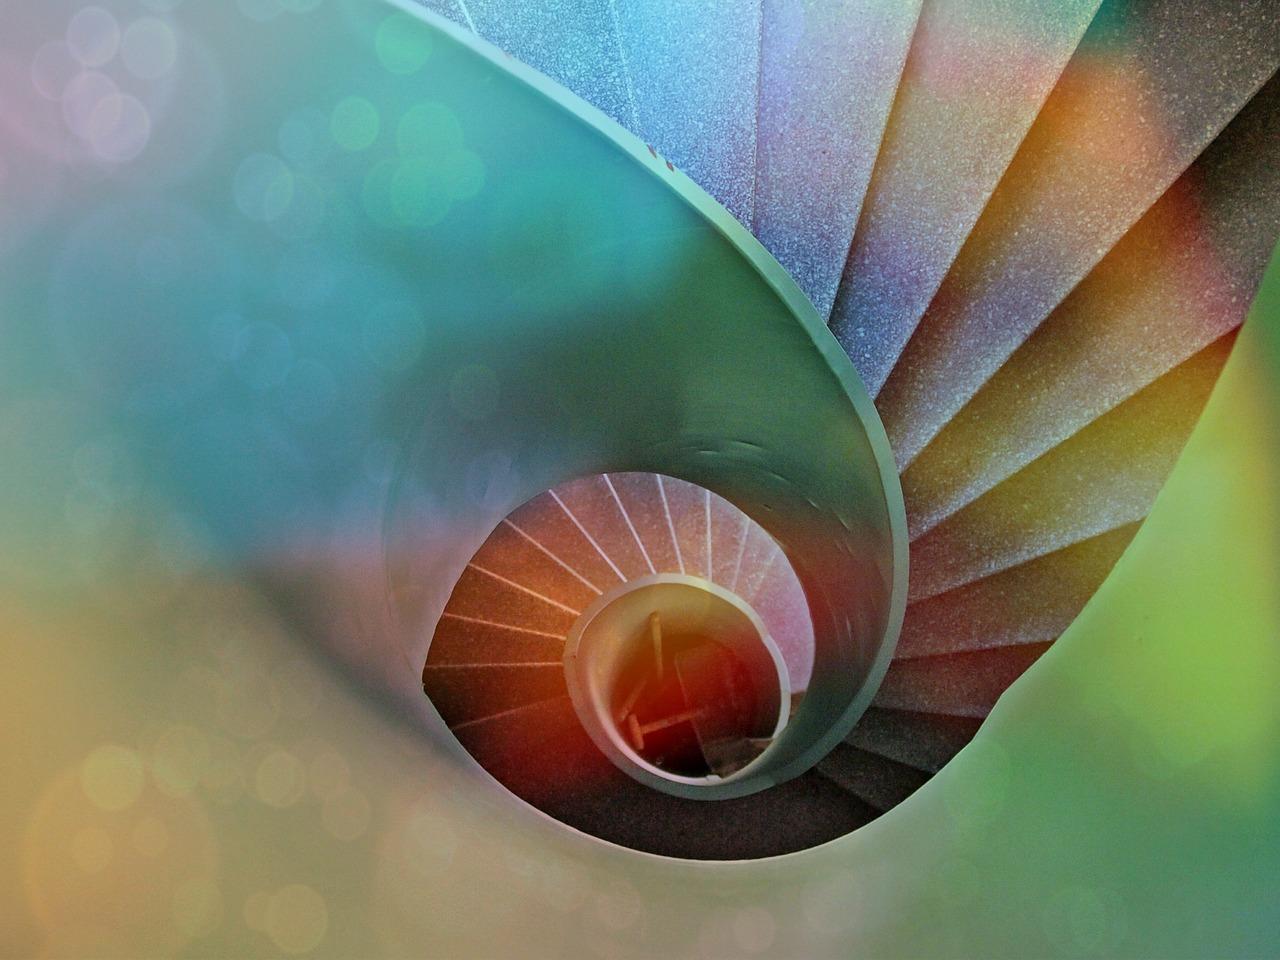 「階段の男」 ミランダ・ジュライ